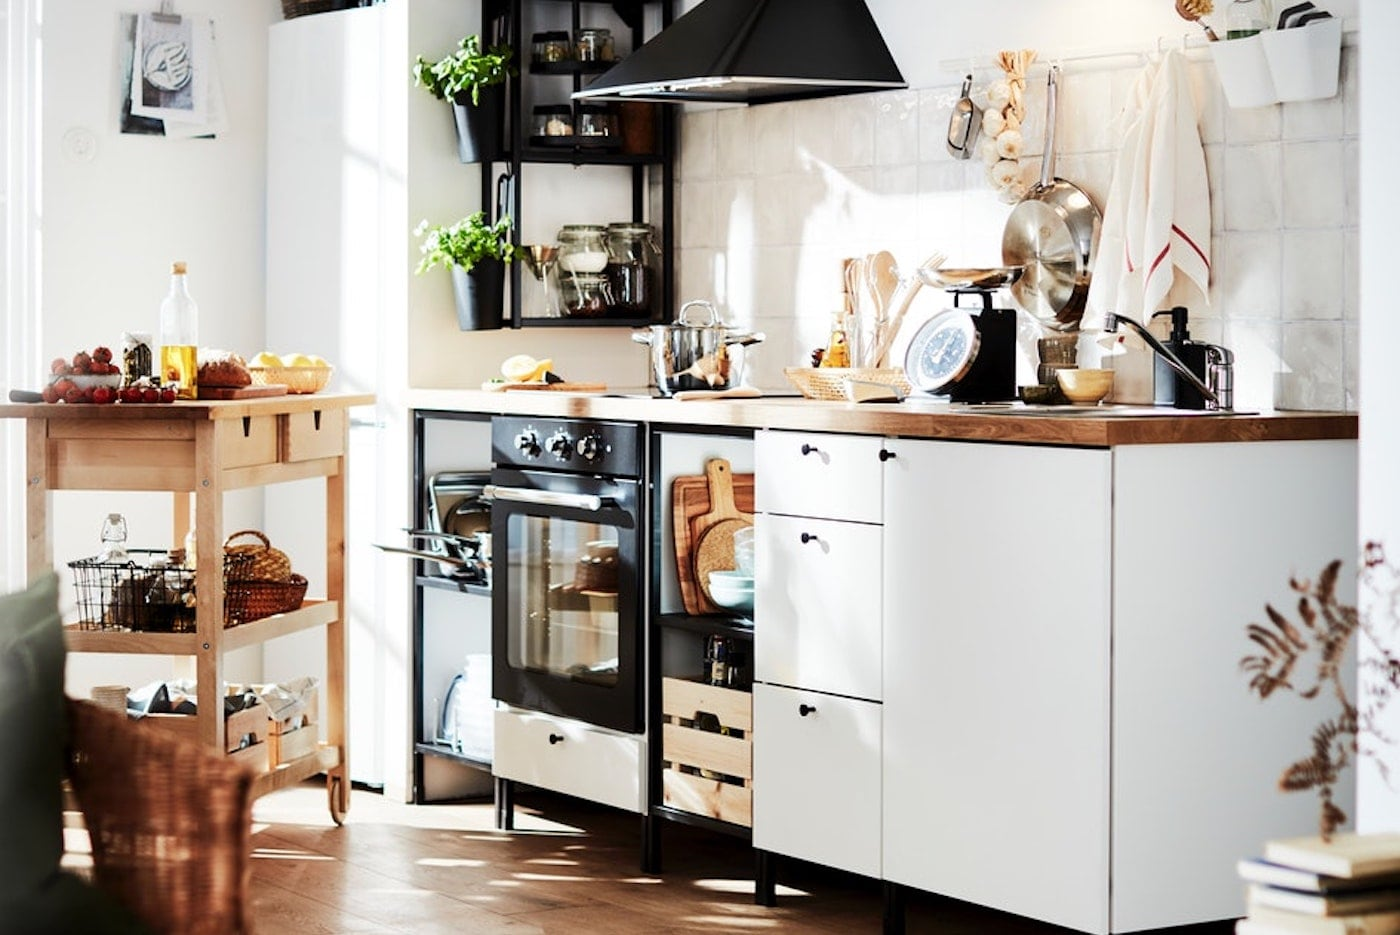 Küche & Küchenmöbel für dein Zuhause   IKEA Deutschland